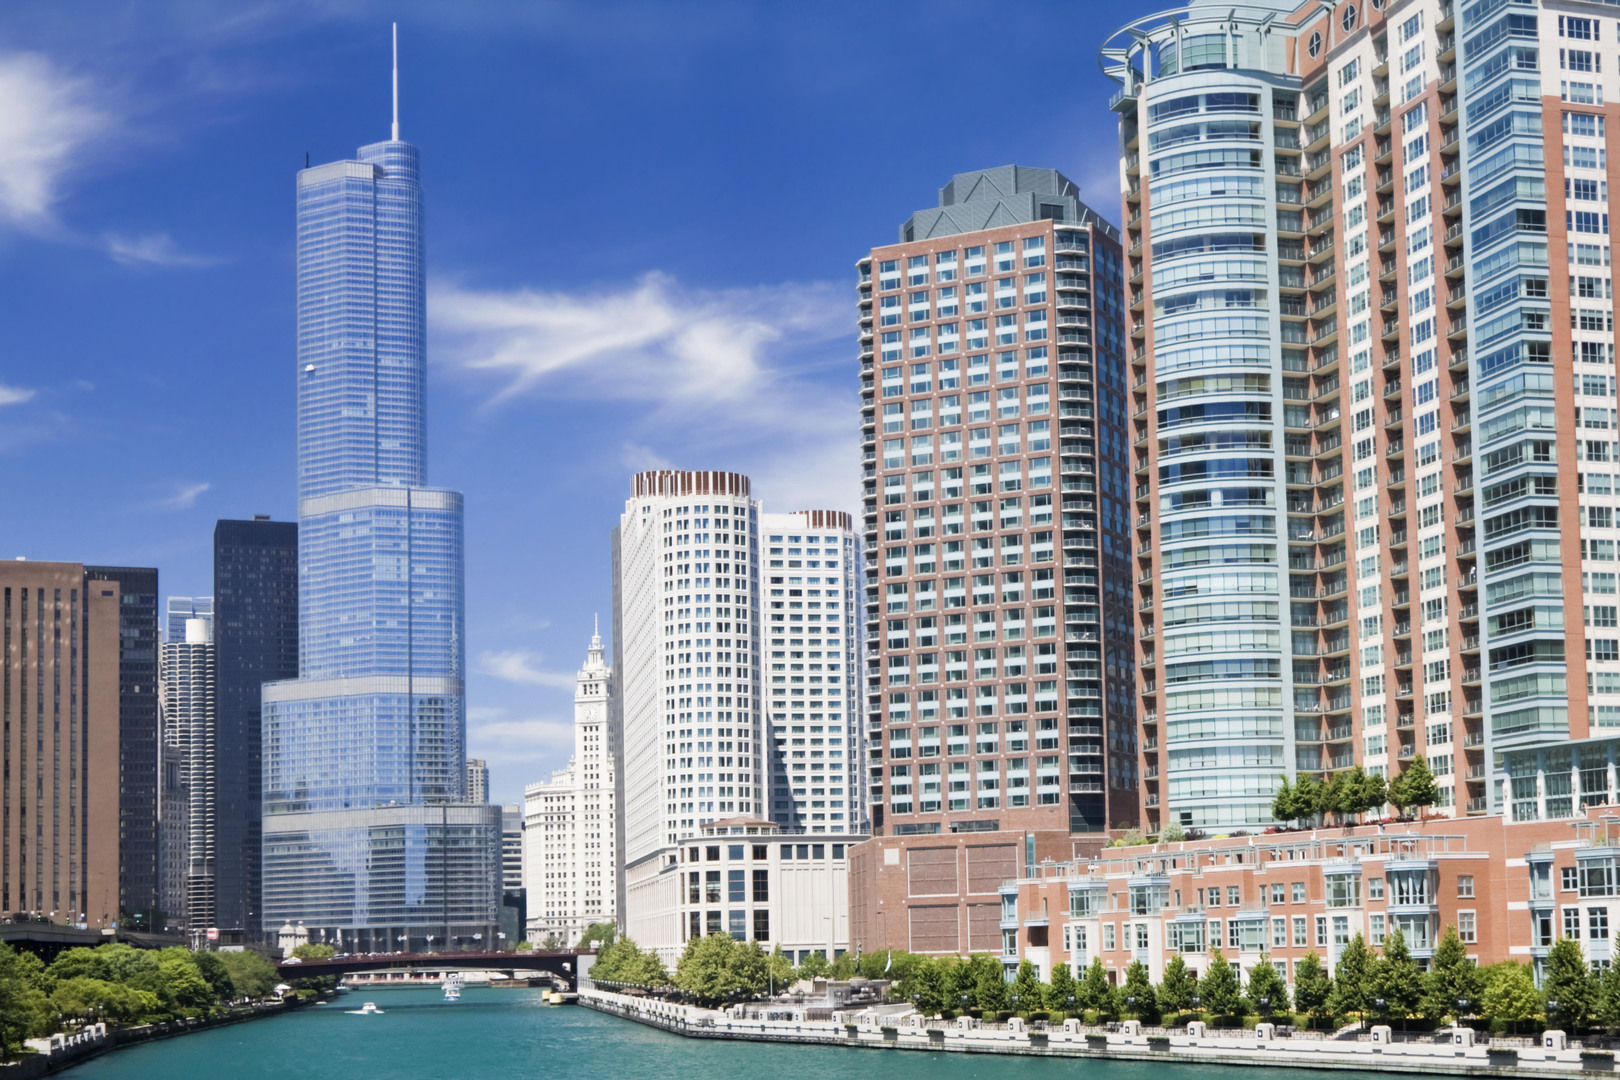 401 Wabash Unit Unit 68b ,Chicago, Illinois 60611